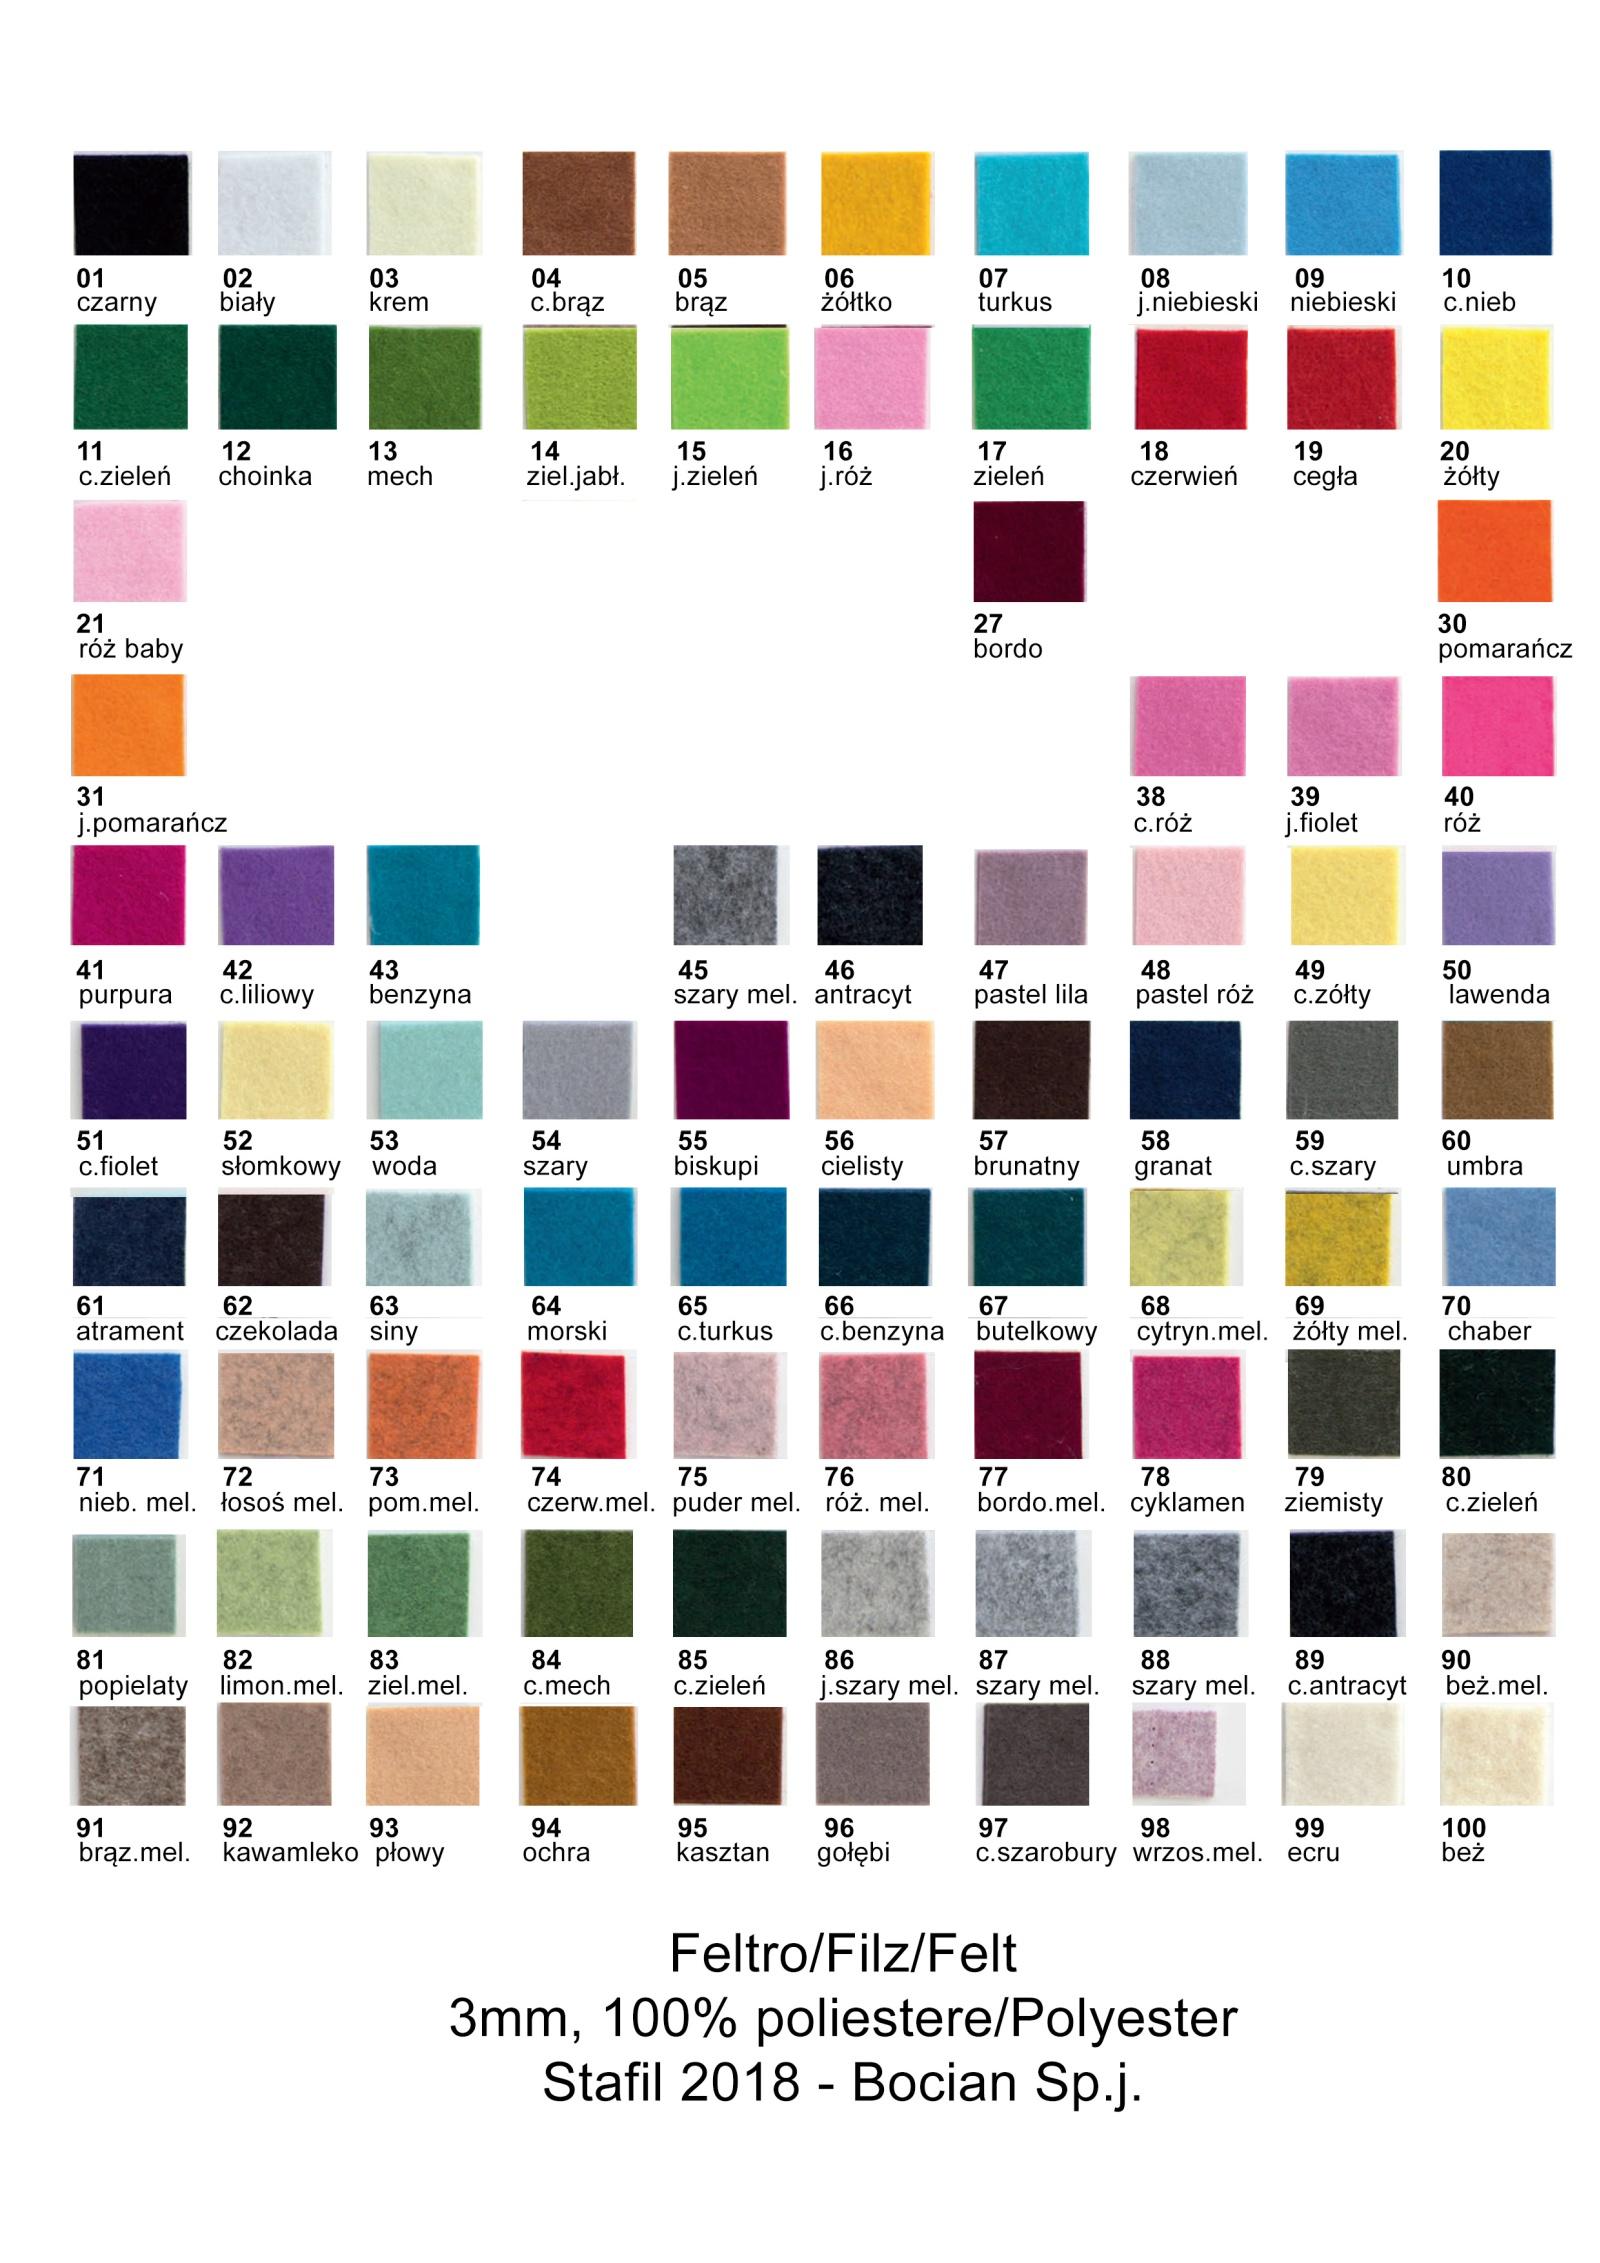 Filc 3mm wzornik kolorów